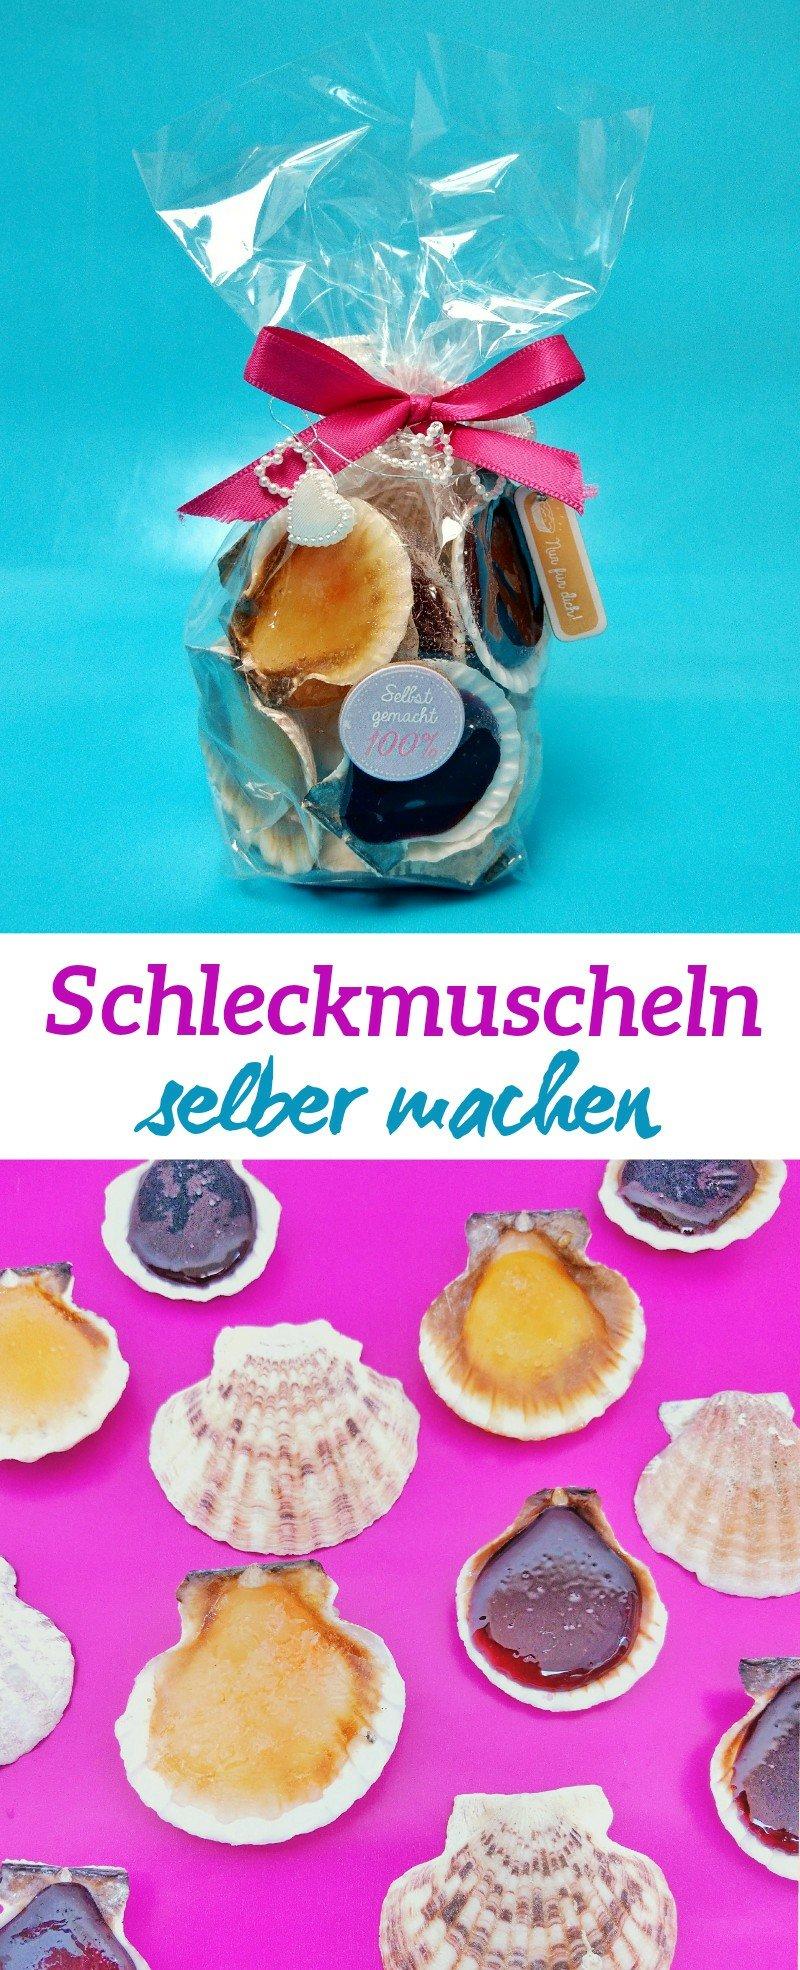 Was gibt es schöneres als selbstgemachte Süßigkeiten? Schleckmuscheln sind schnell selbstgemacht und bestens als Geschenk für zwischendurch geeignet.